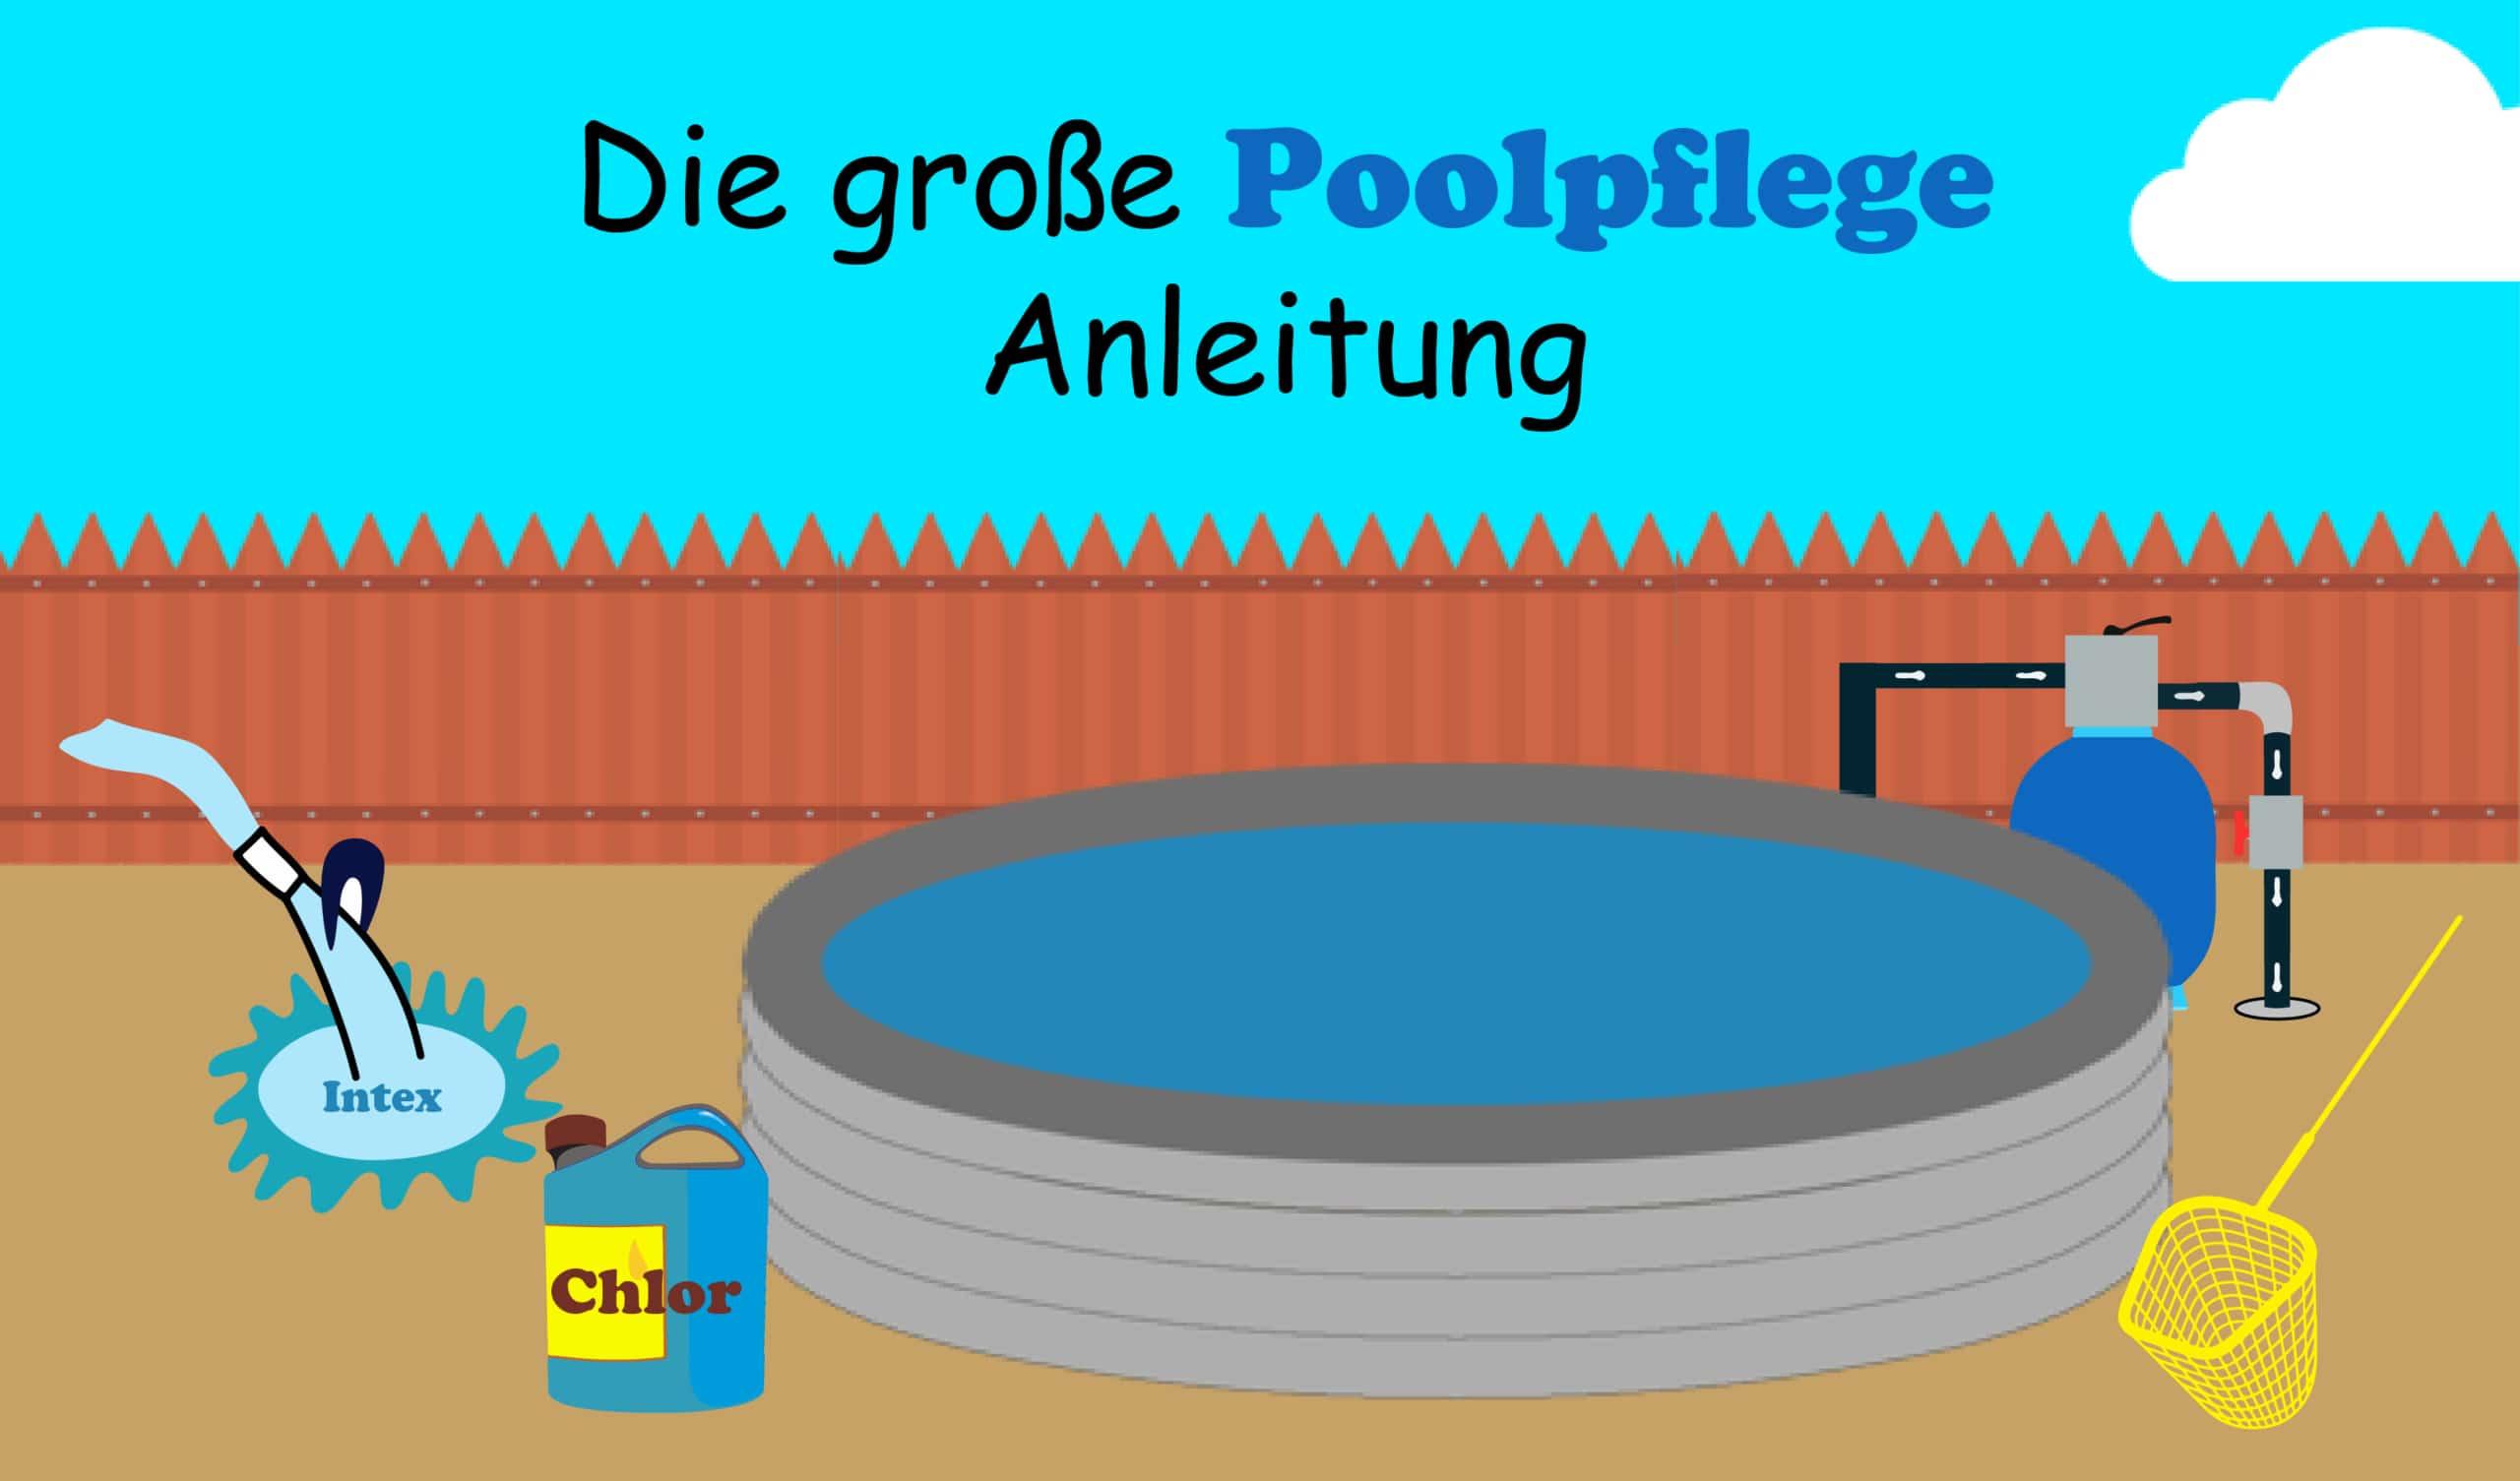 Milchig pool brunnenwasser Pool nach